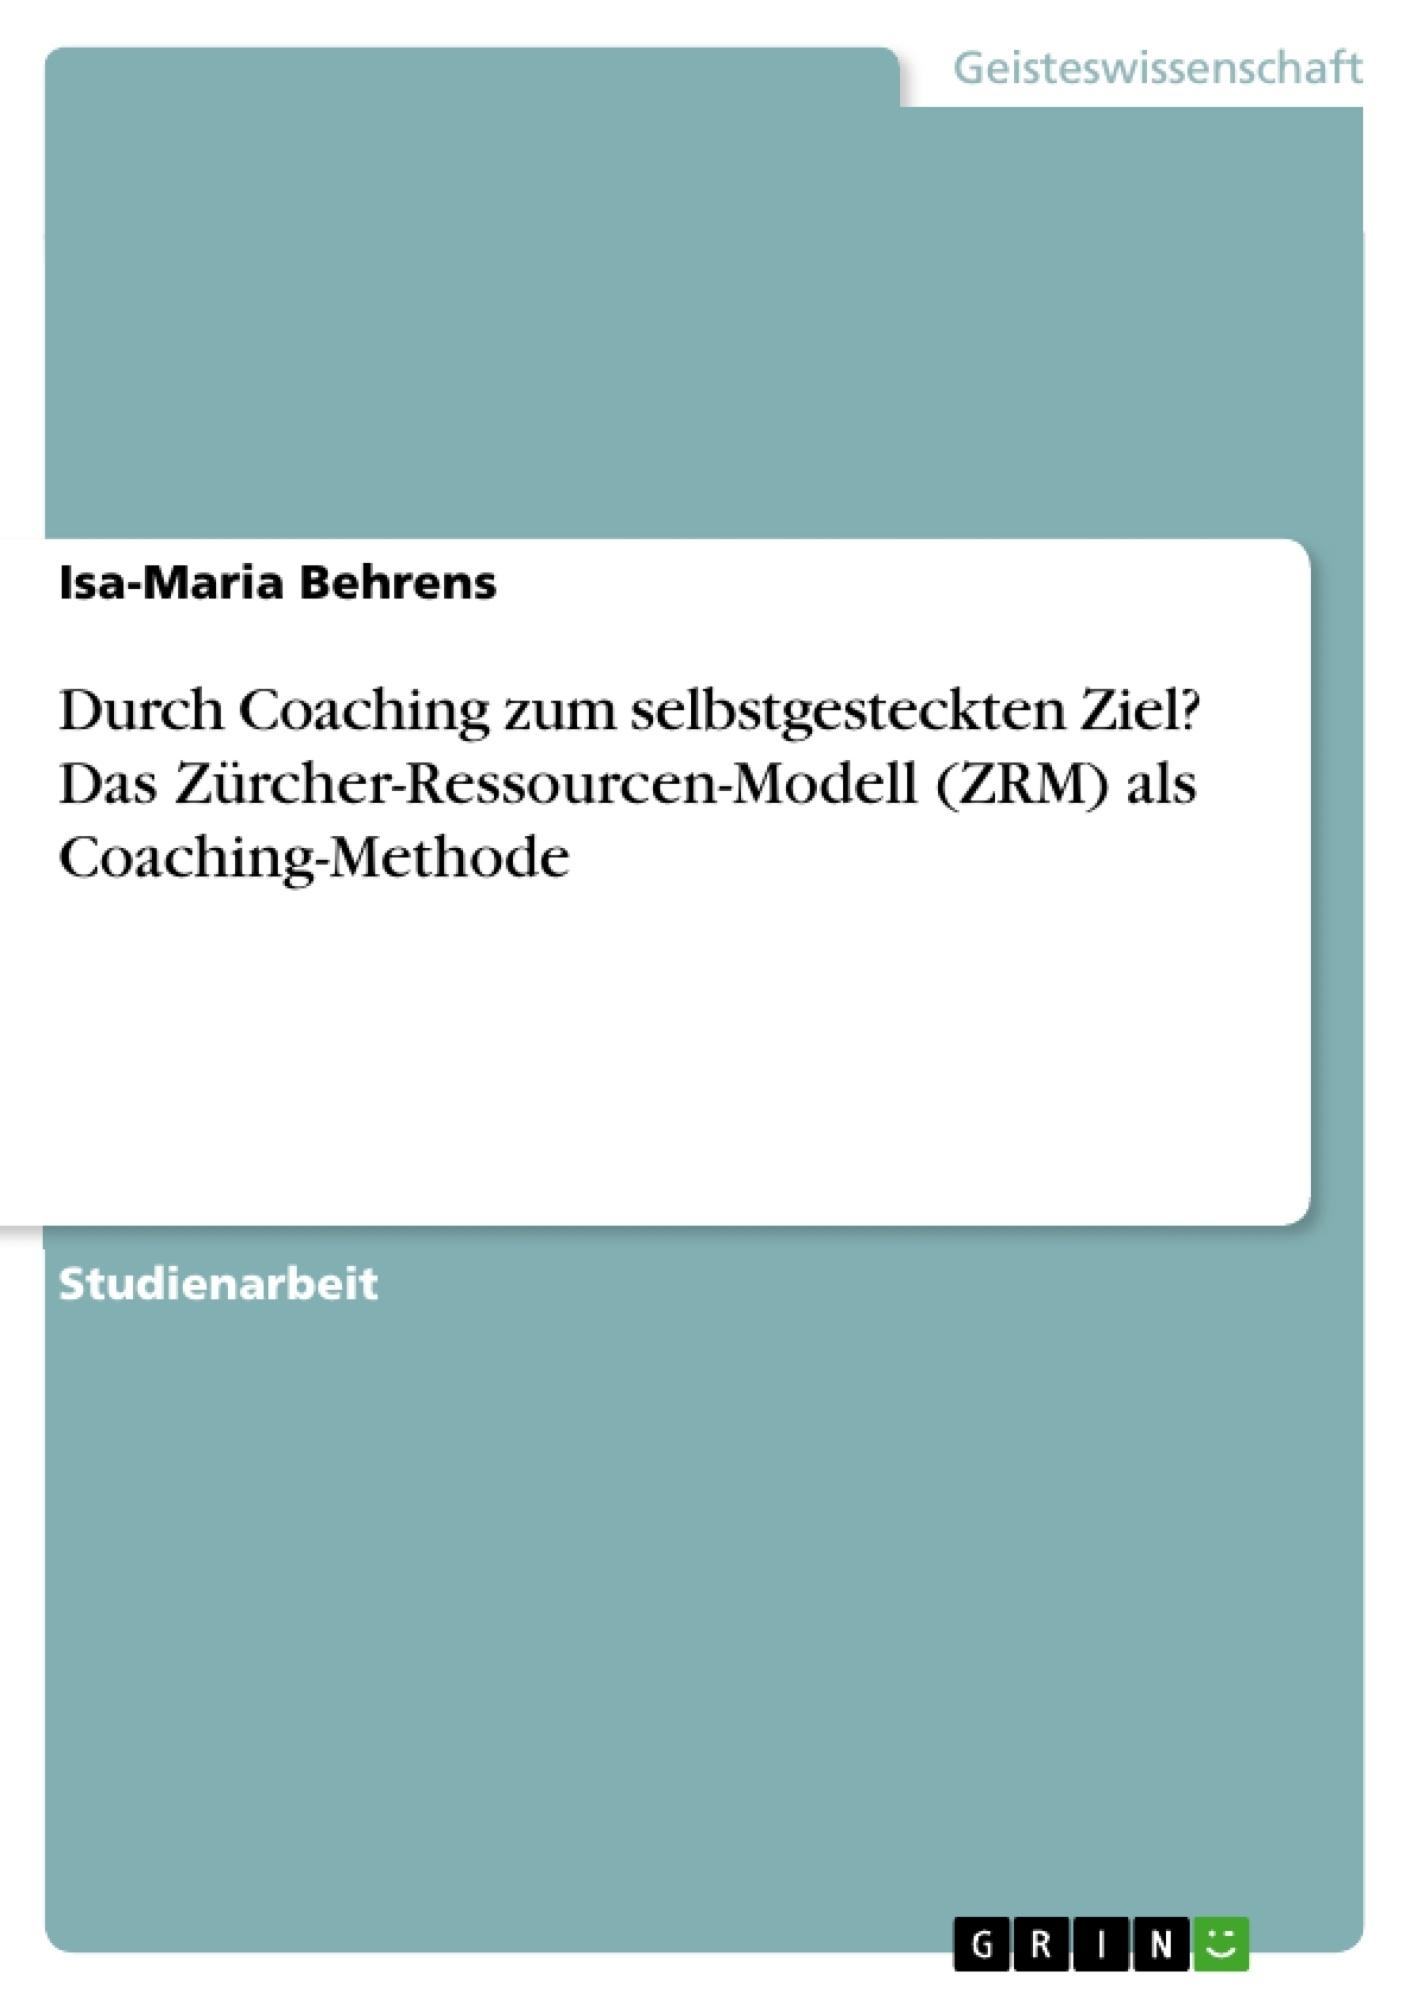 Titel: Durch Coaching zum selbstgesteckten Ziel? Das Zürcher-Ressourcen-Modell (ZRM) als Coaching-Methode